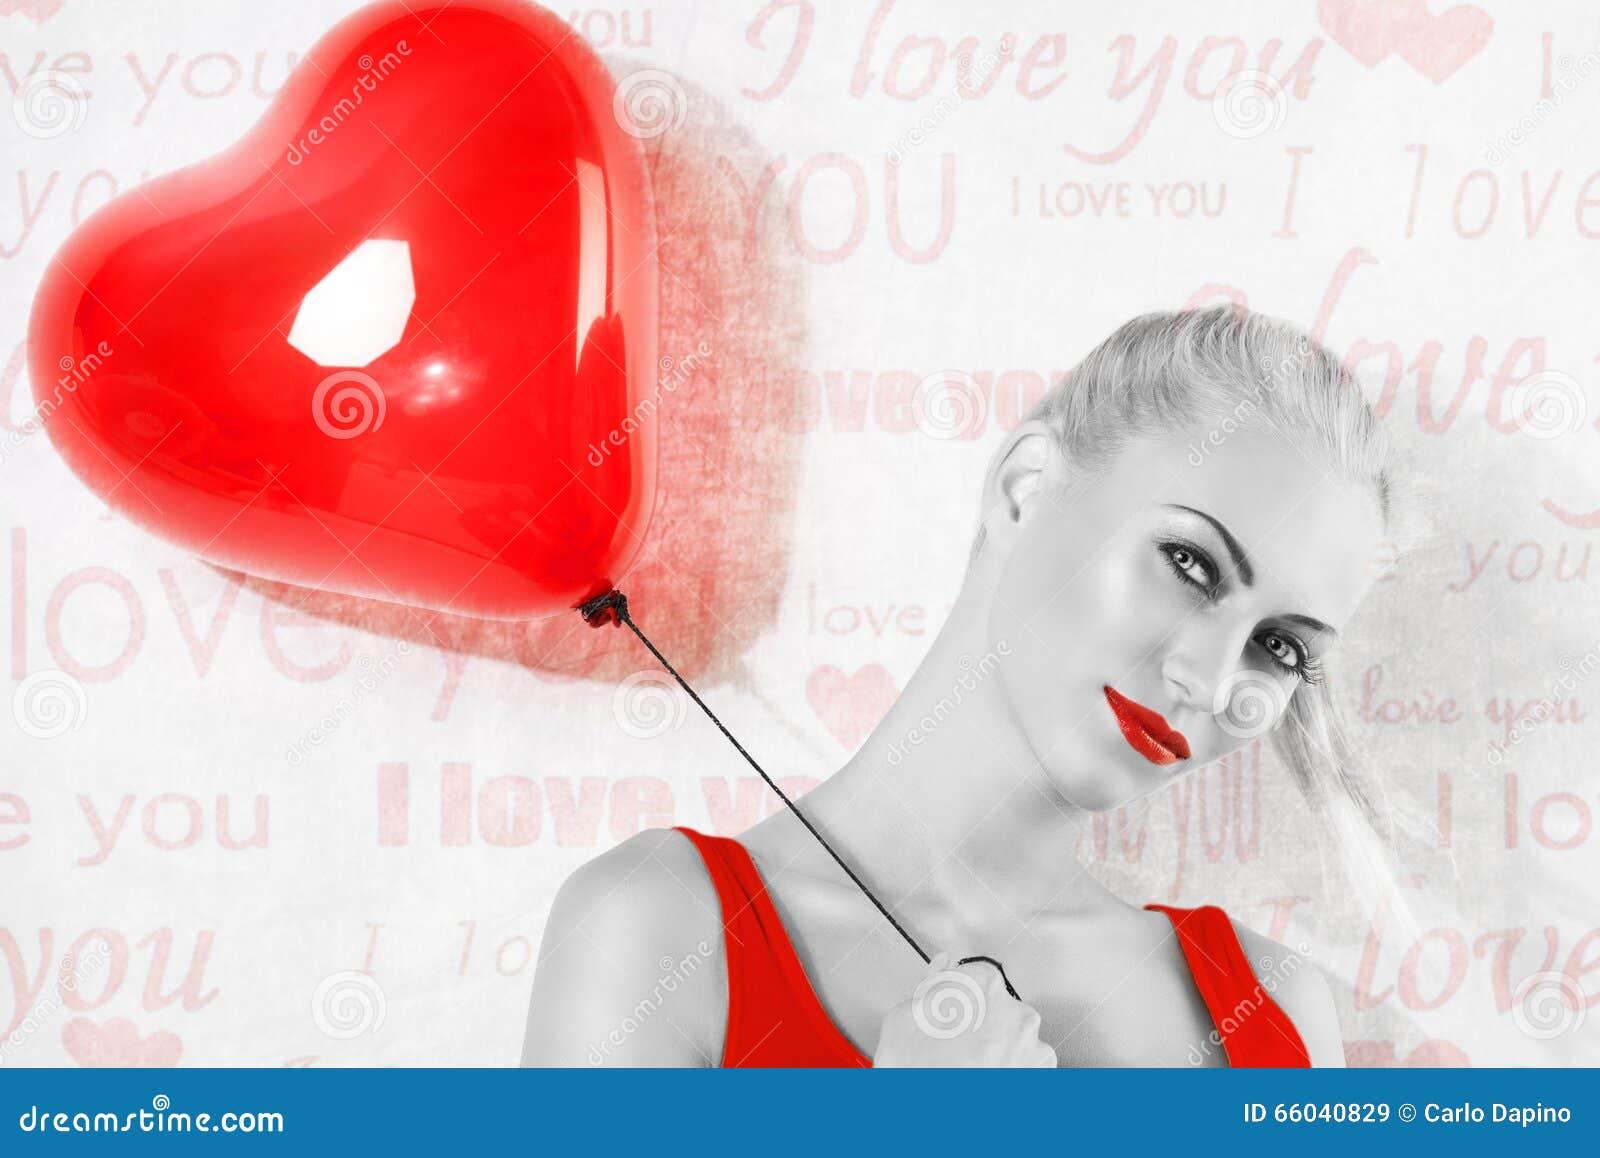 Съемка BW, сексуальной белокурой девушки с красным воздушным шаром сердца